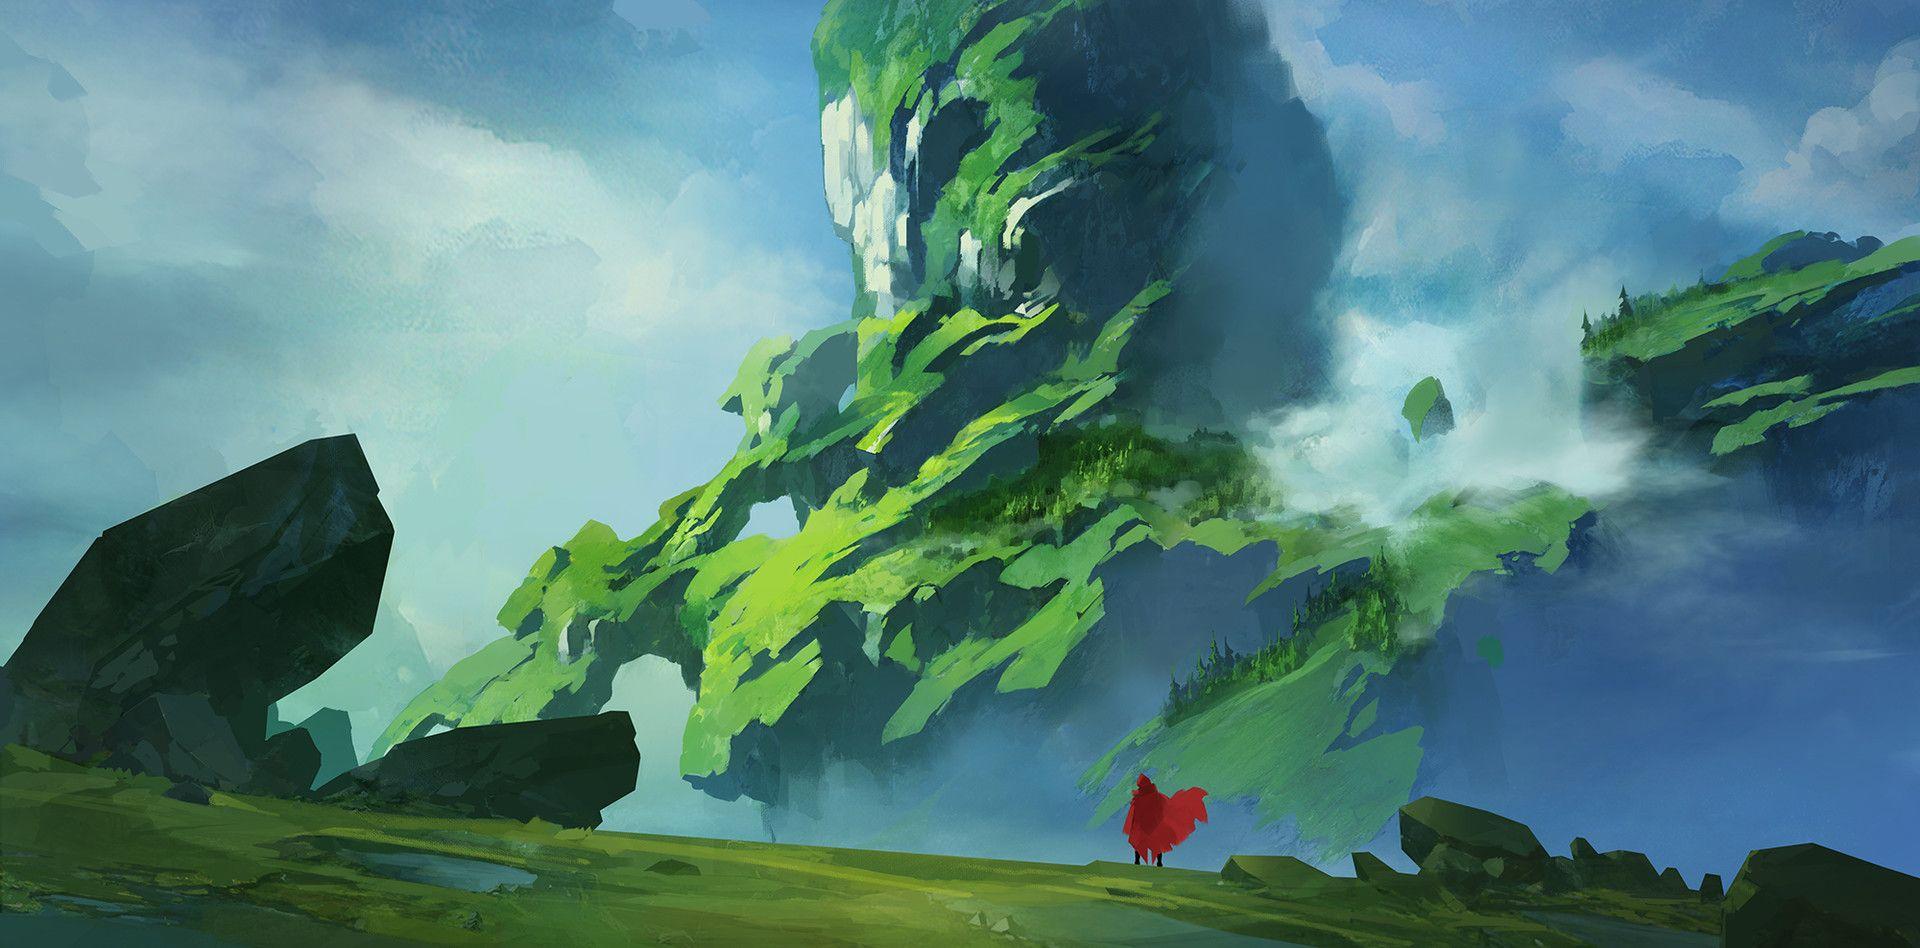 岩石山 by YU YIMING on ArtStation.